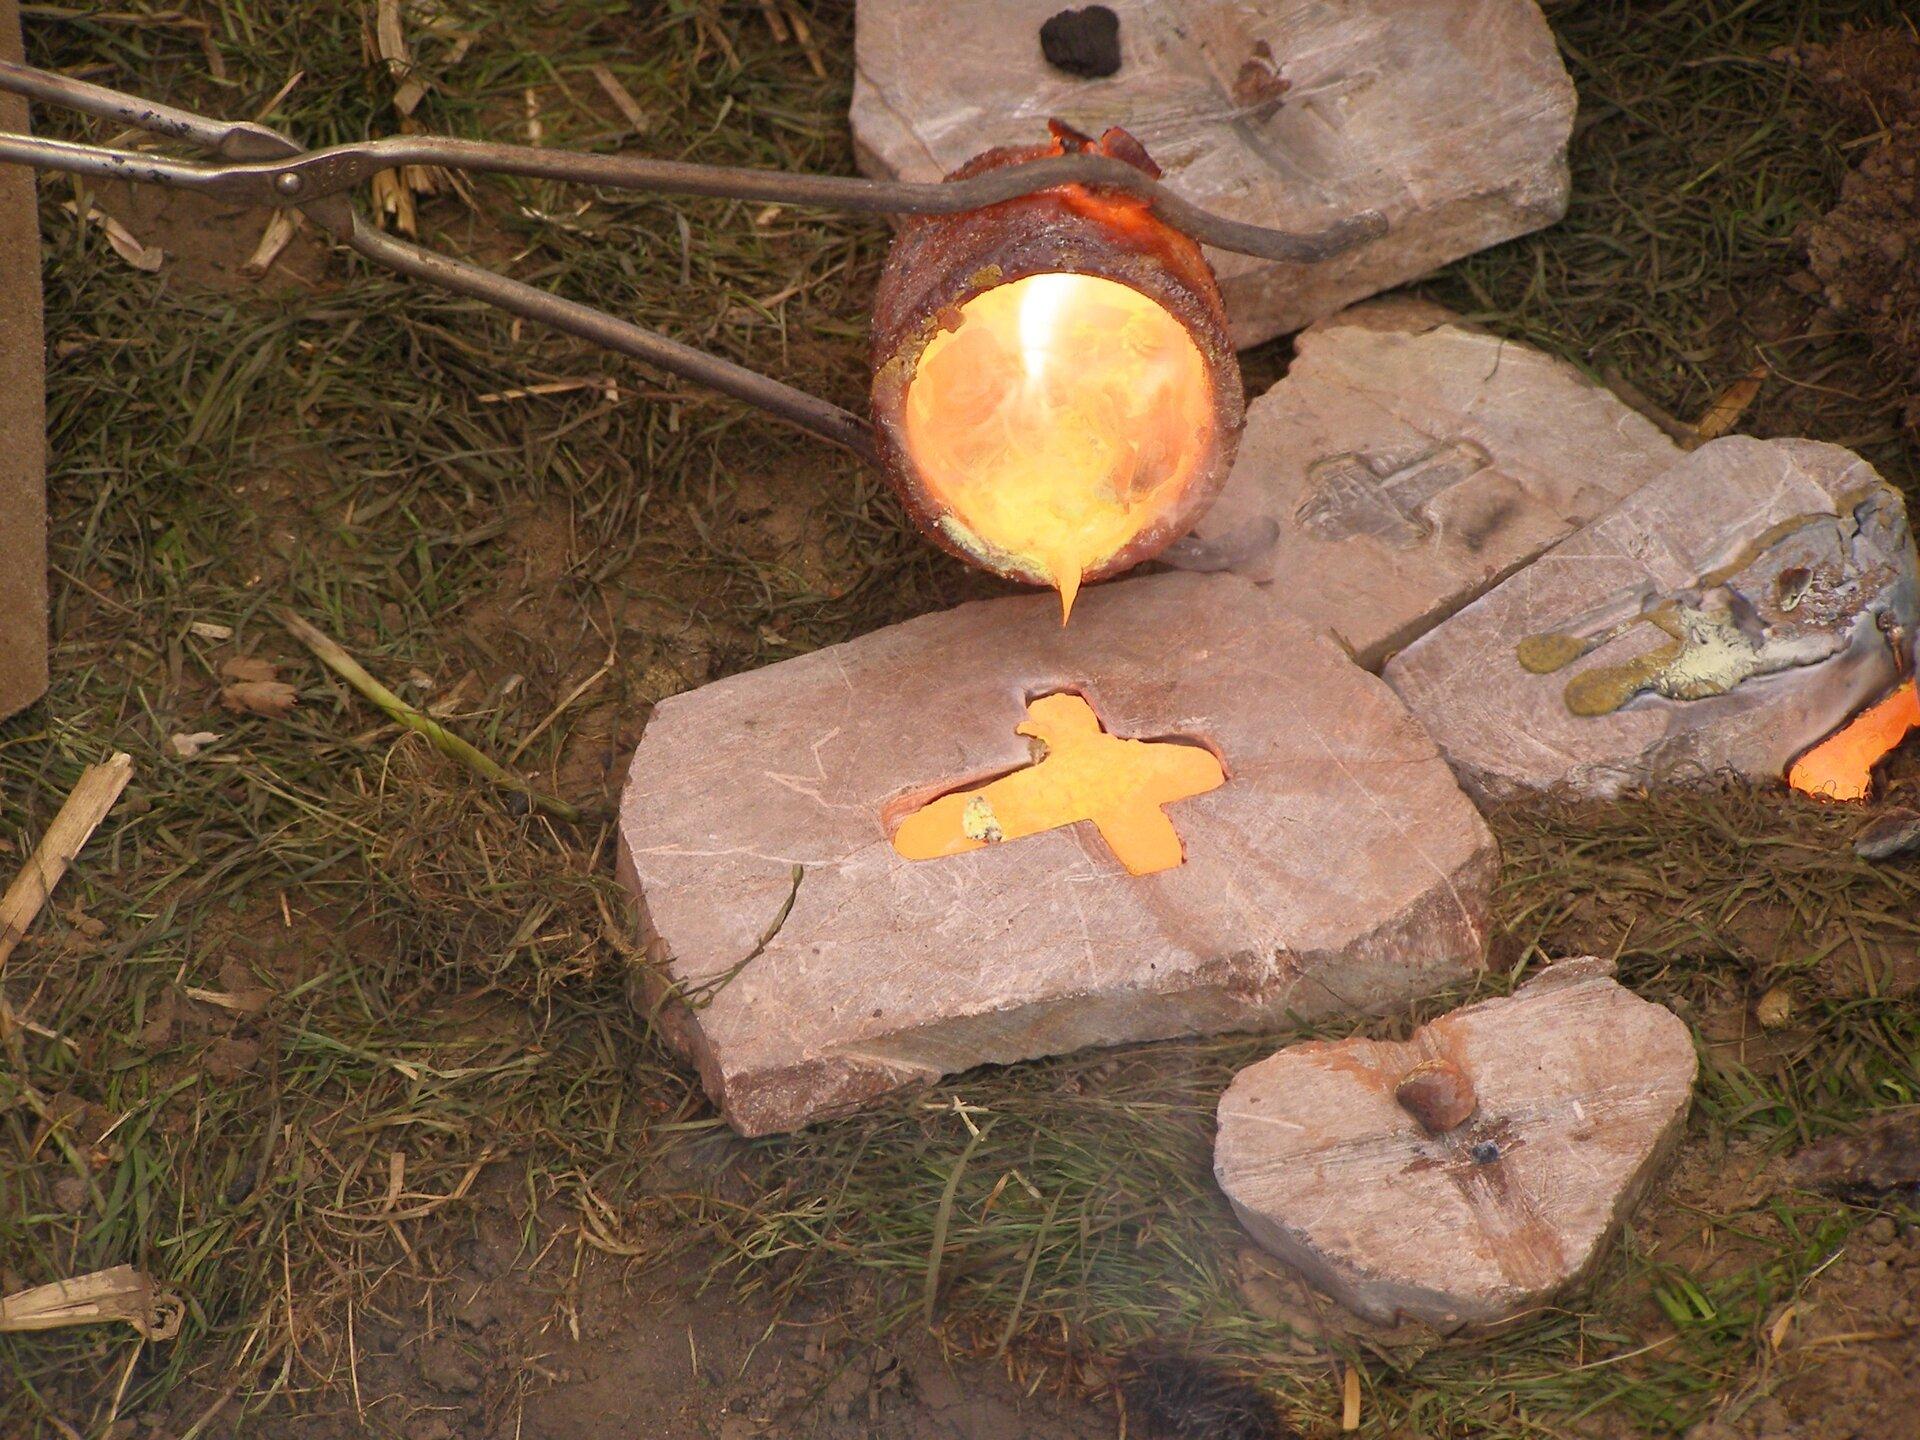 Zdjęcie przedstawia odlewanie przedmiotu zbrązu dawnymi metodami. Na obrośniętej trawą ziemi leży wycięta wkamieniu forma wkształcie krzyżyka, do której ztrzymanego wdługich szczypcach małego tygla nalewany jest płynny metal. Zarówno zawartość formy, jak itygla jarzą się czerwonawym blaskiem.